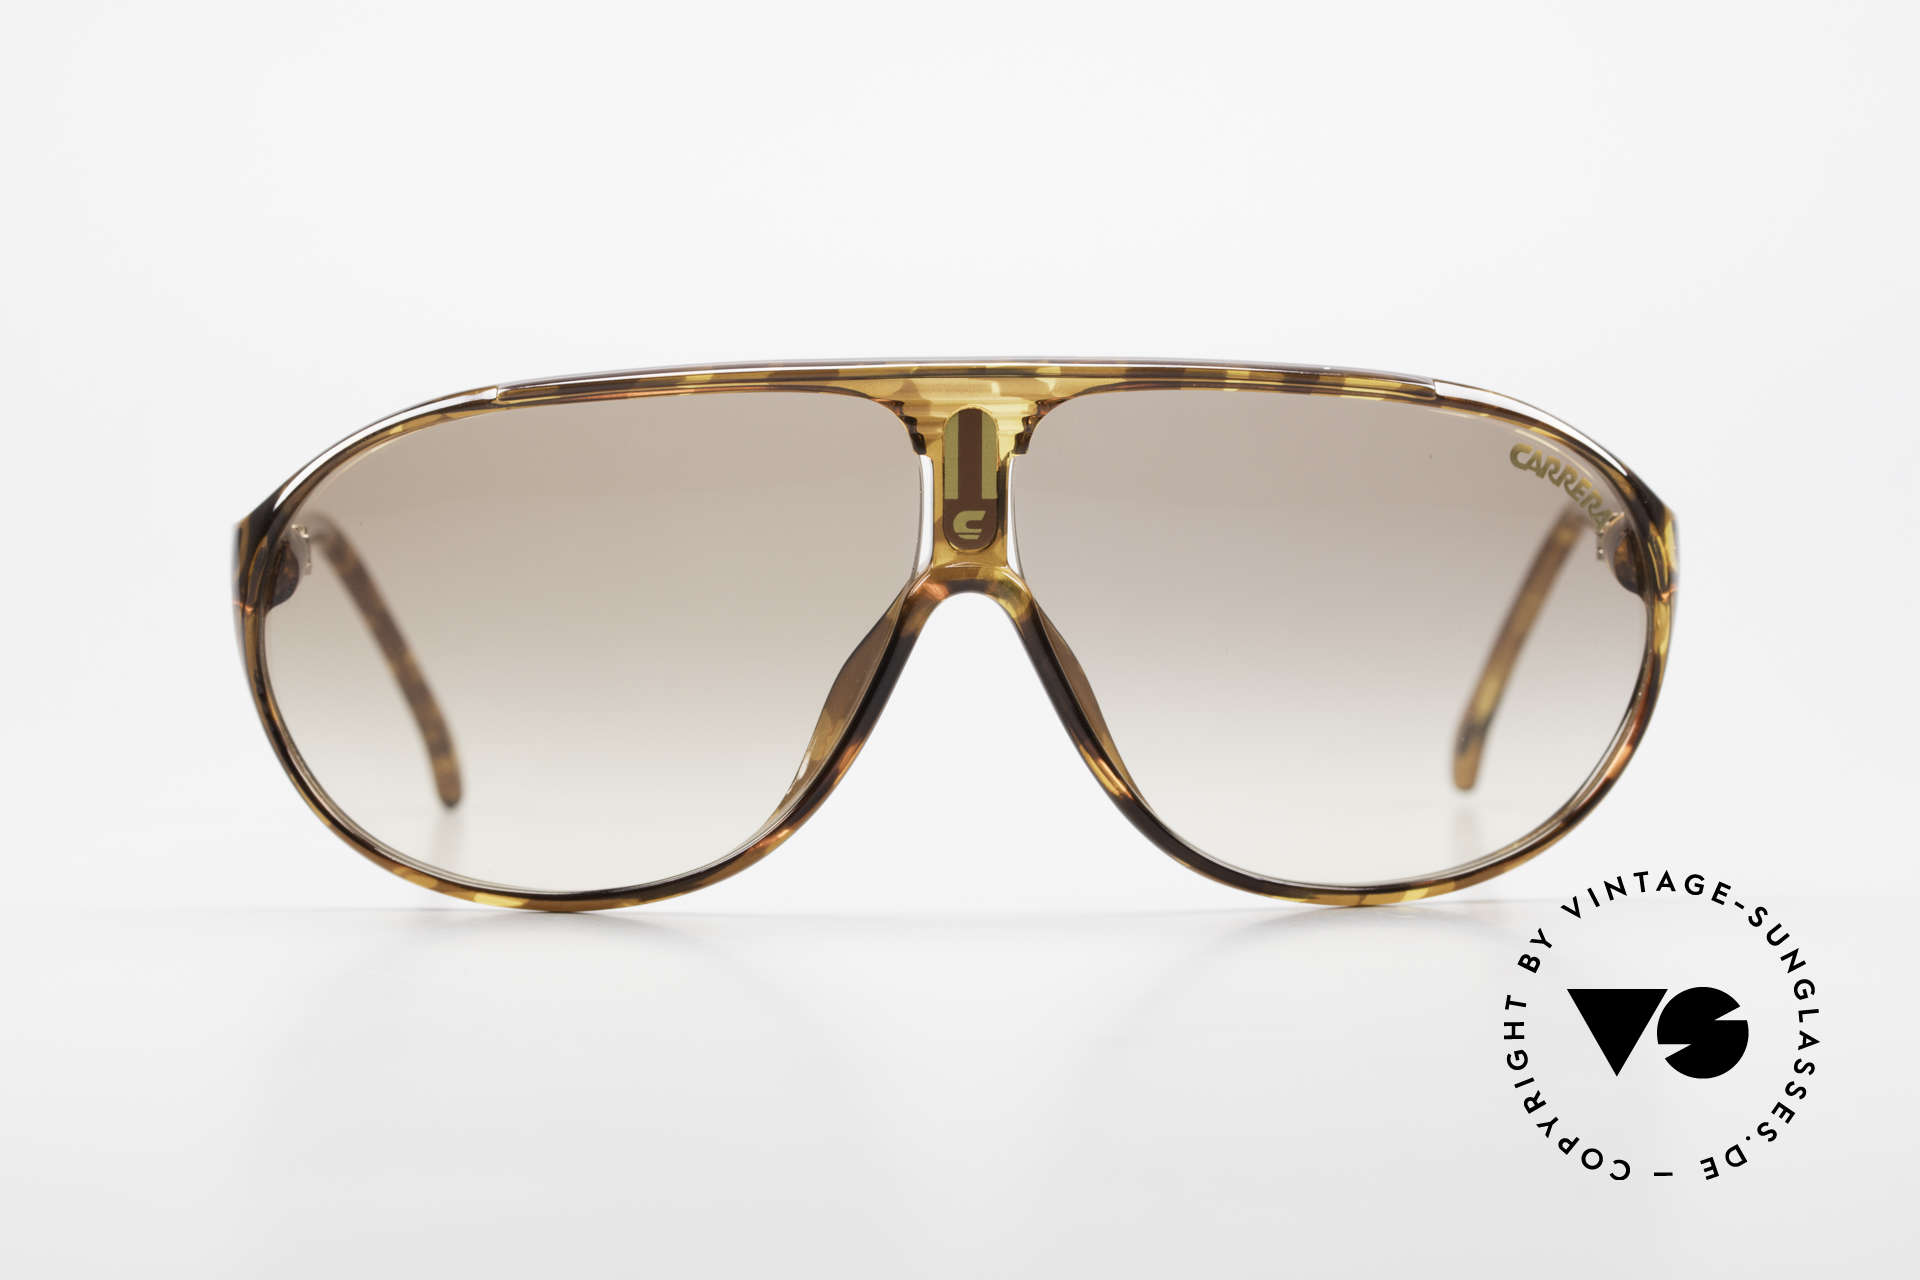 Carrera 5412 Optyl Sonnenbrille 80er Sport, aus extrem robusten und langlebigen OPTYL-Material, Passend für Herren und Damen